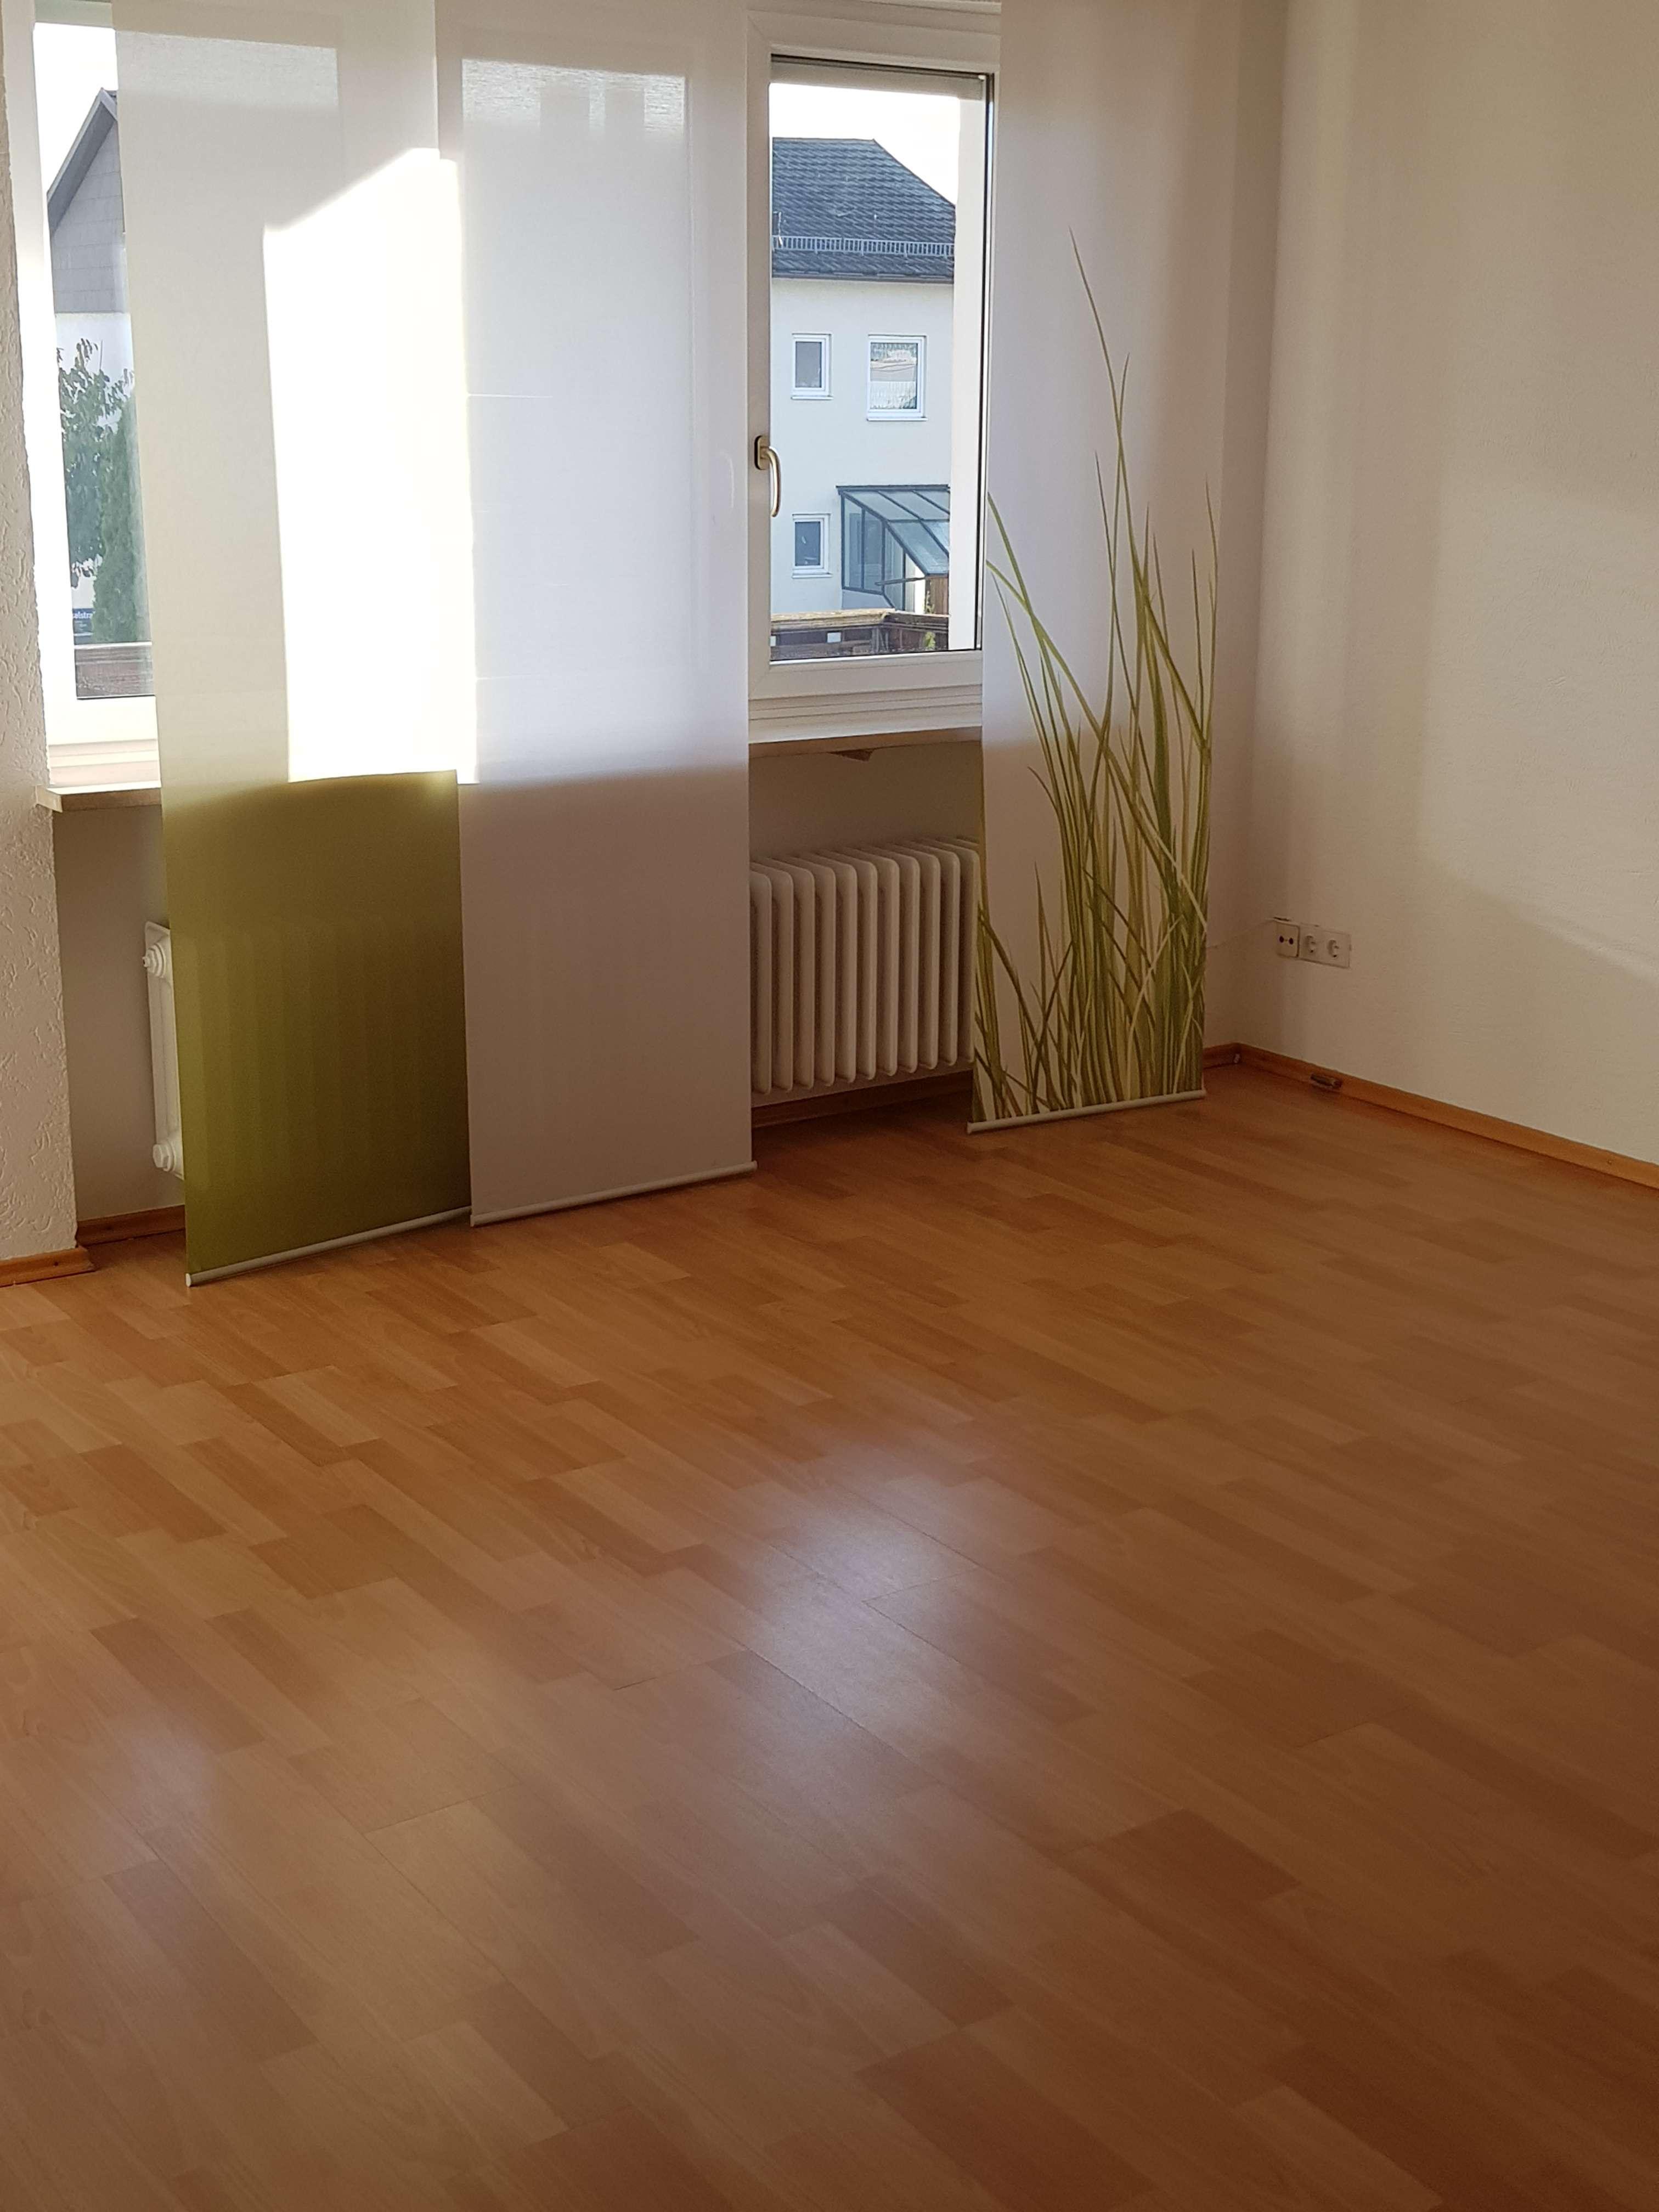 4 ZKB-Wohnung mit Balkon im 1. OG in Manching zu vermieten! in Manching